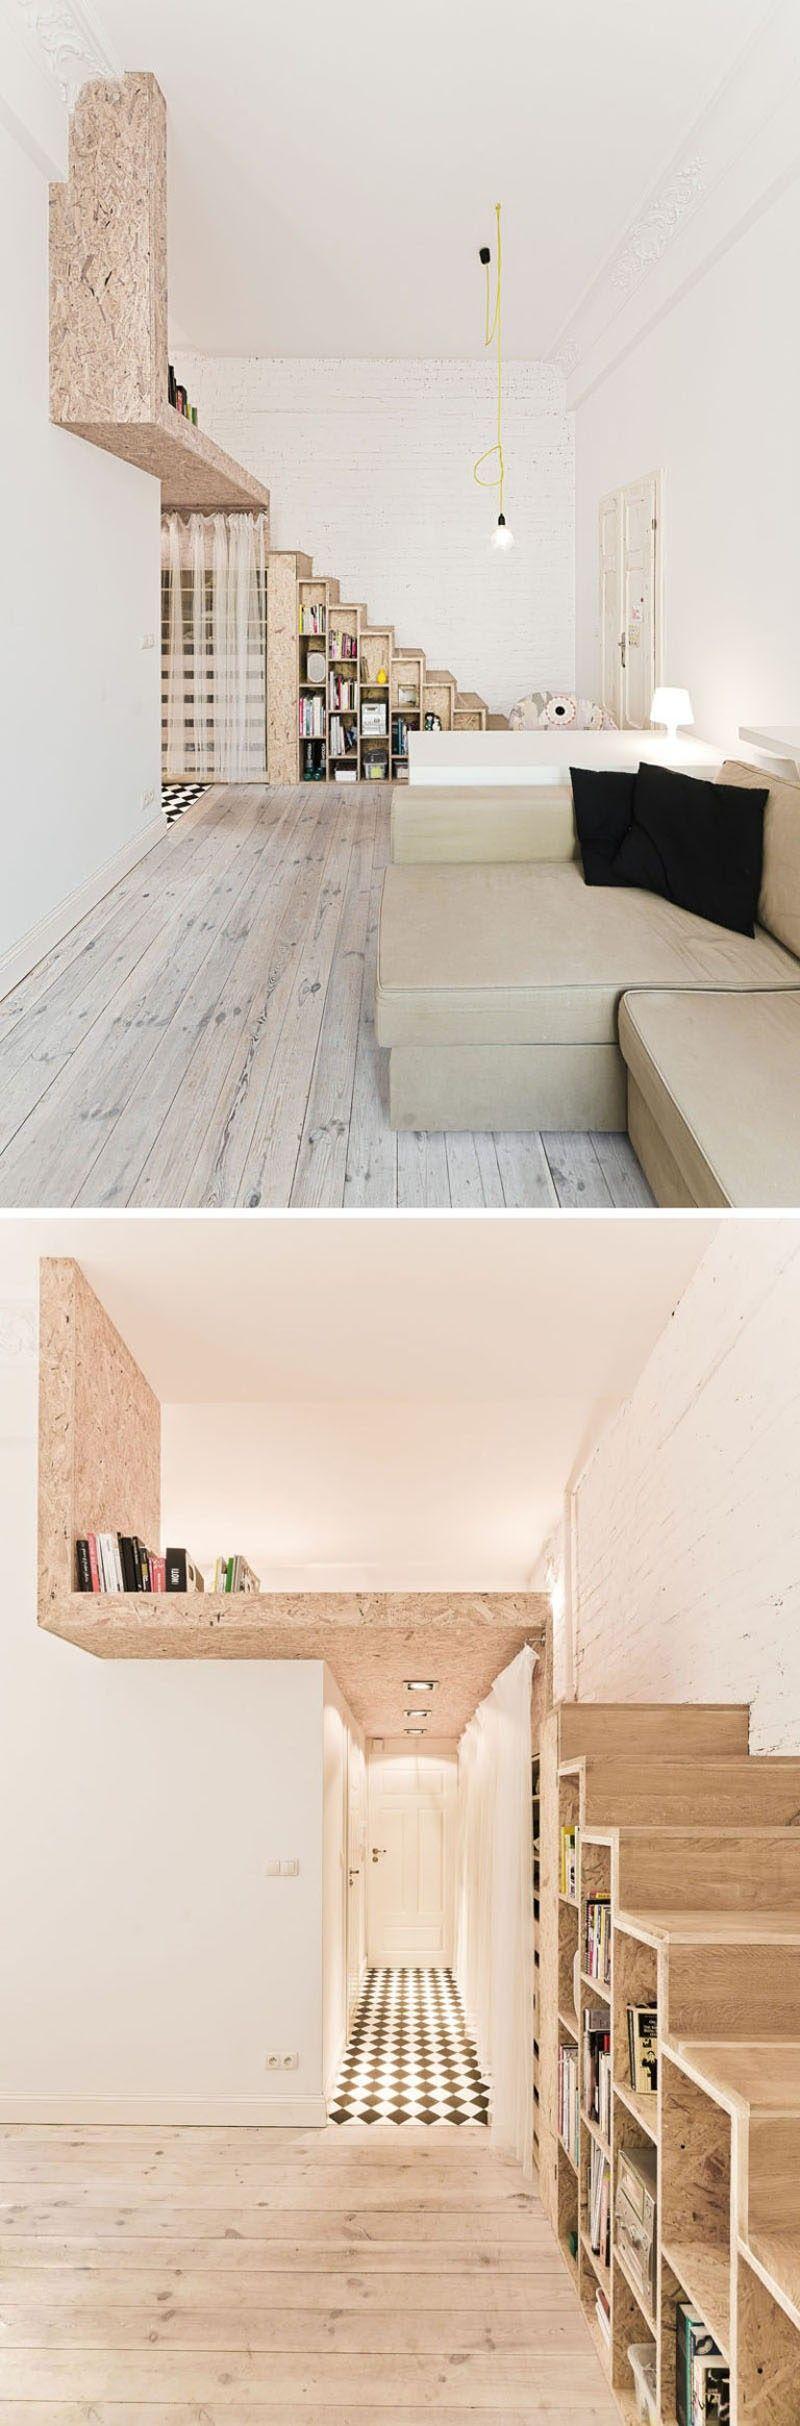 13 treppe design ideen f r kleine r ume die treppe entlang der seitenwand dieser wohnung. Black Bedroom Furniture Sets. Home Design Ideas